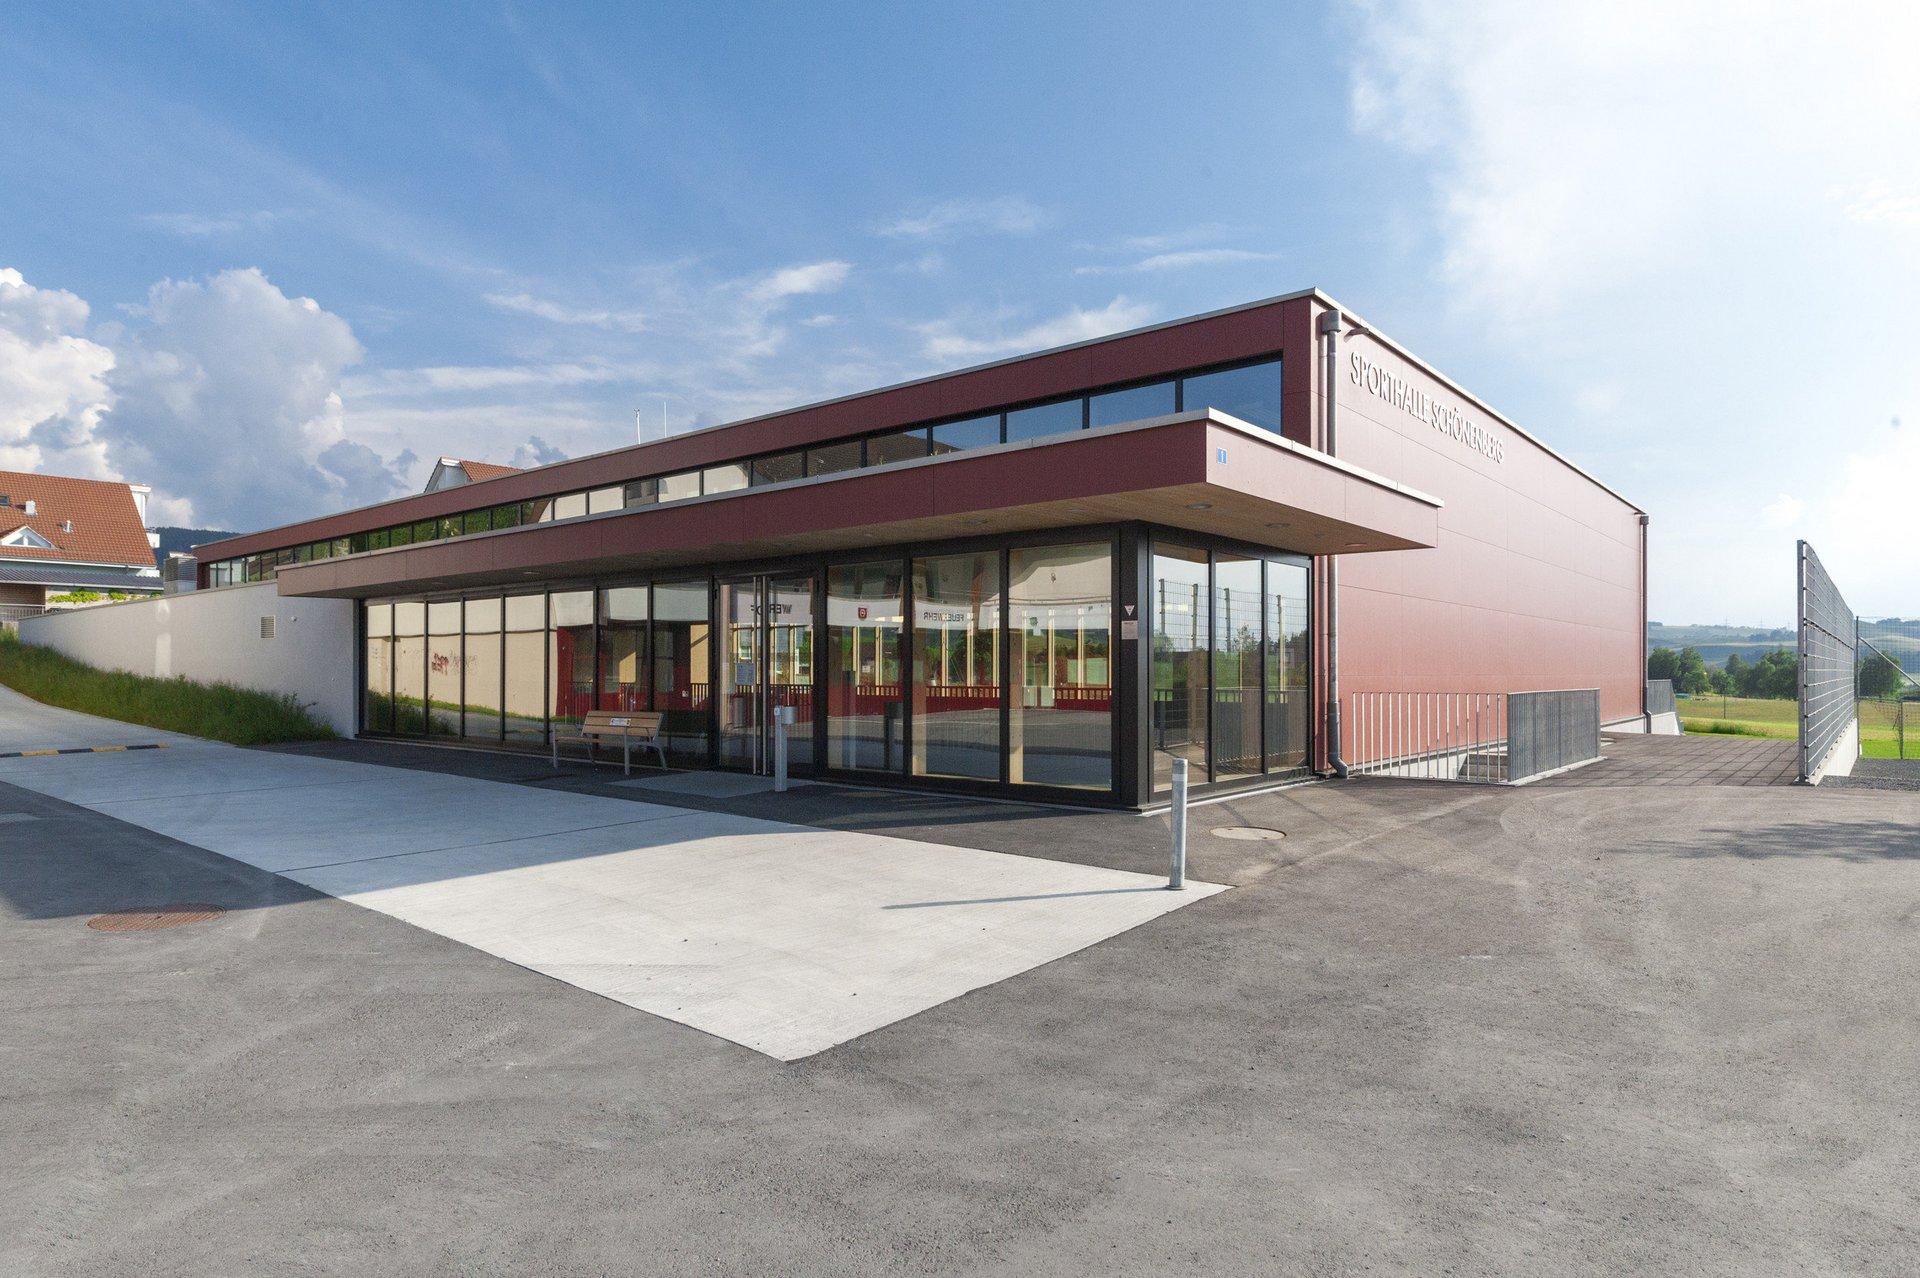 Sporthalle in Systembauweise mit Fensterfassade beim Eingang